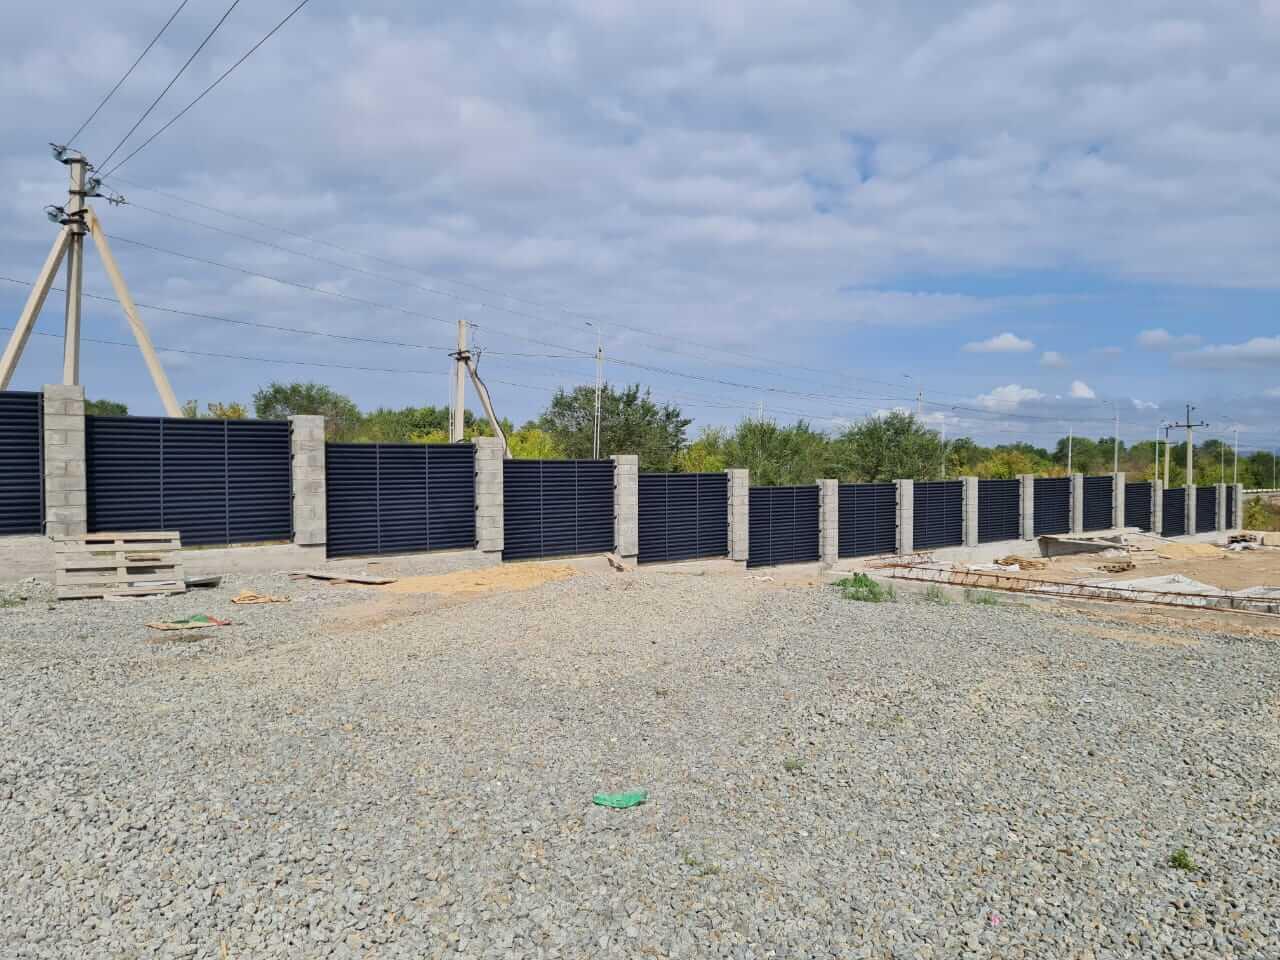 забор-жалюзи серый графит матовый фото2